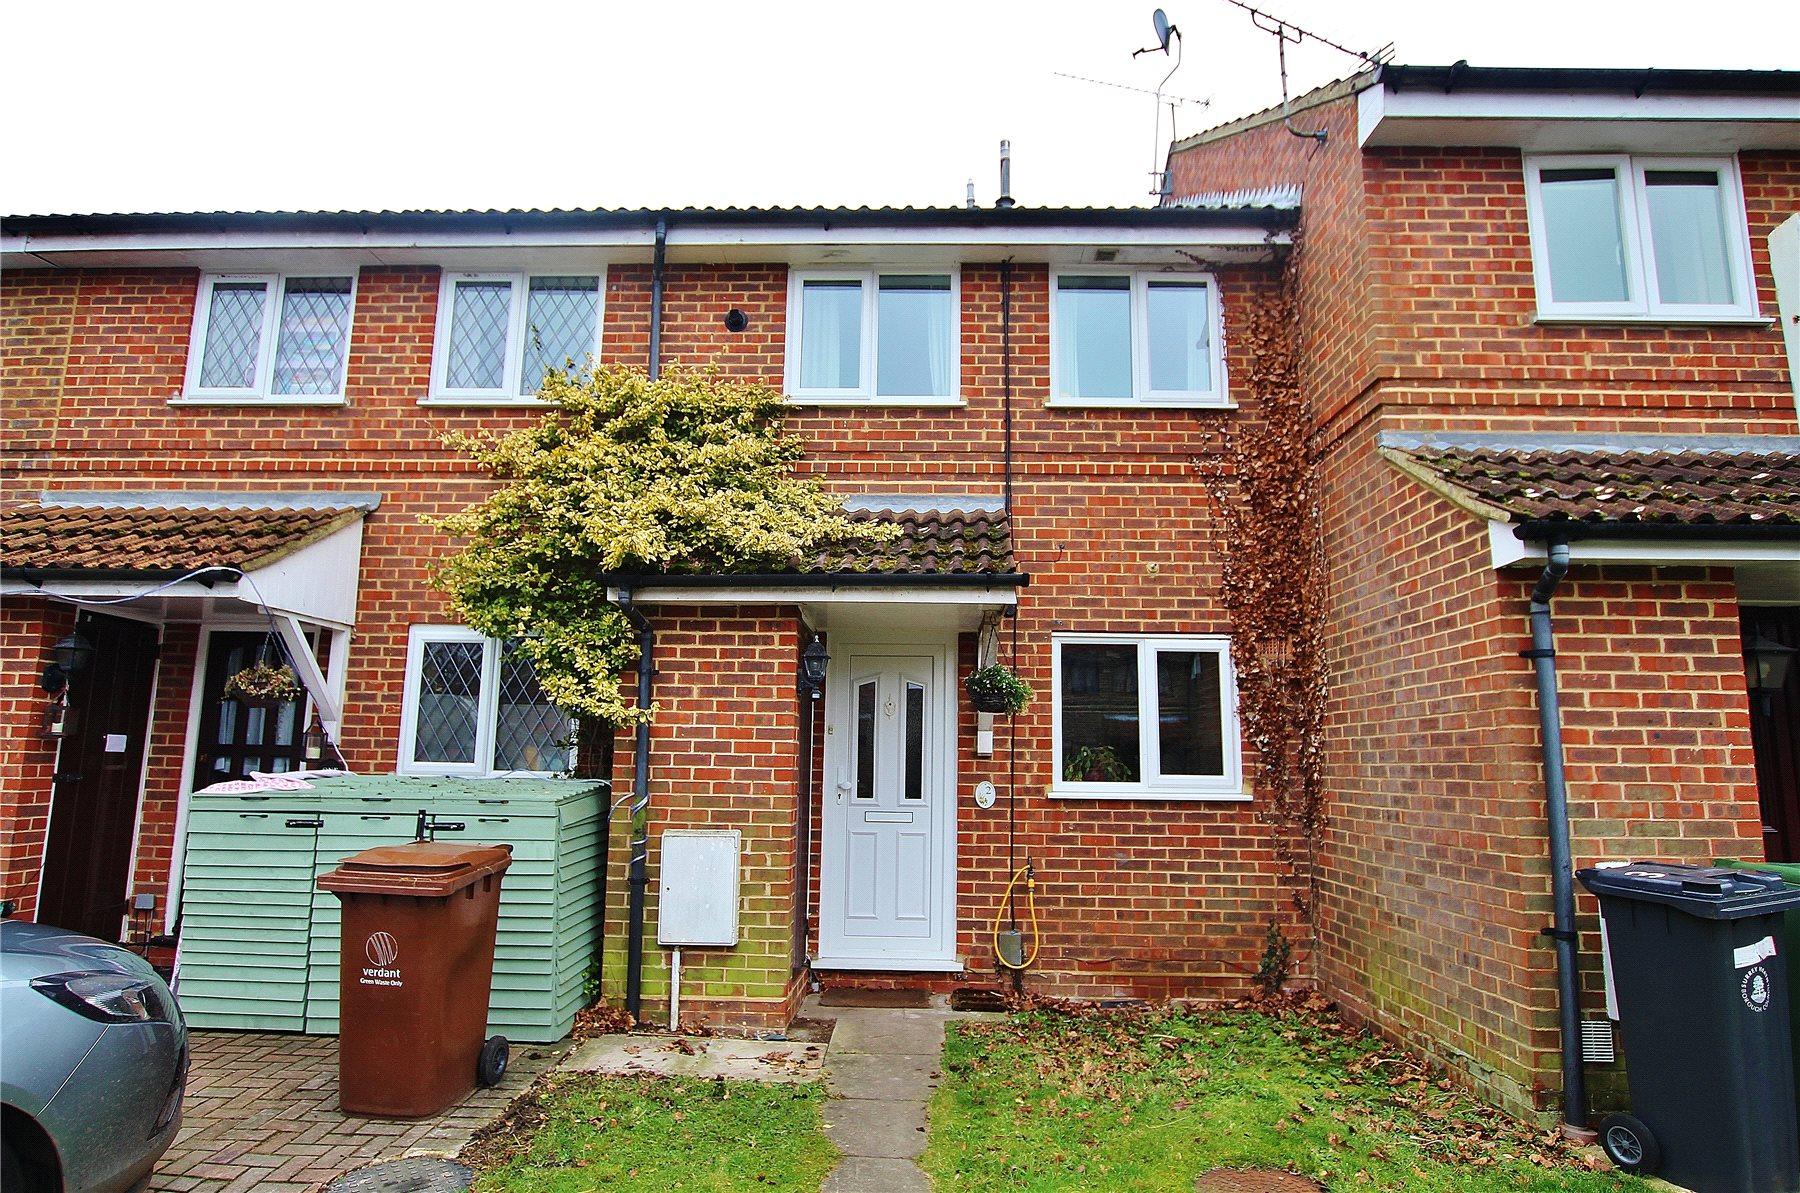 2 Bedrooms Terraced House for sale in Rosebury Drive, Bisley, Woking, Surrey, GU24